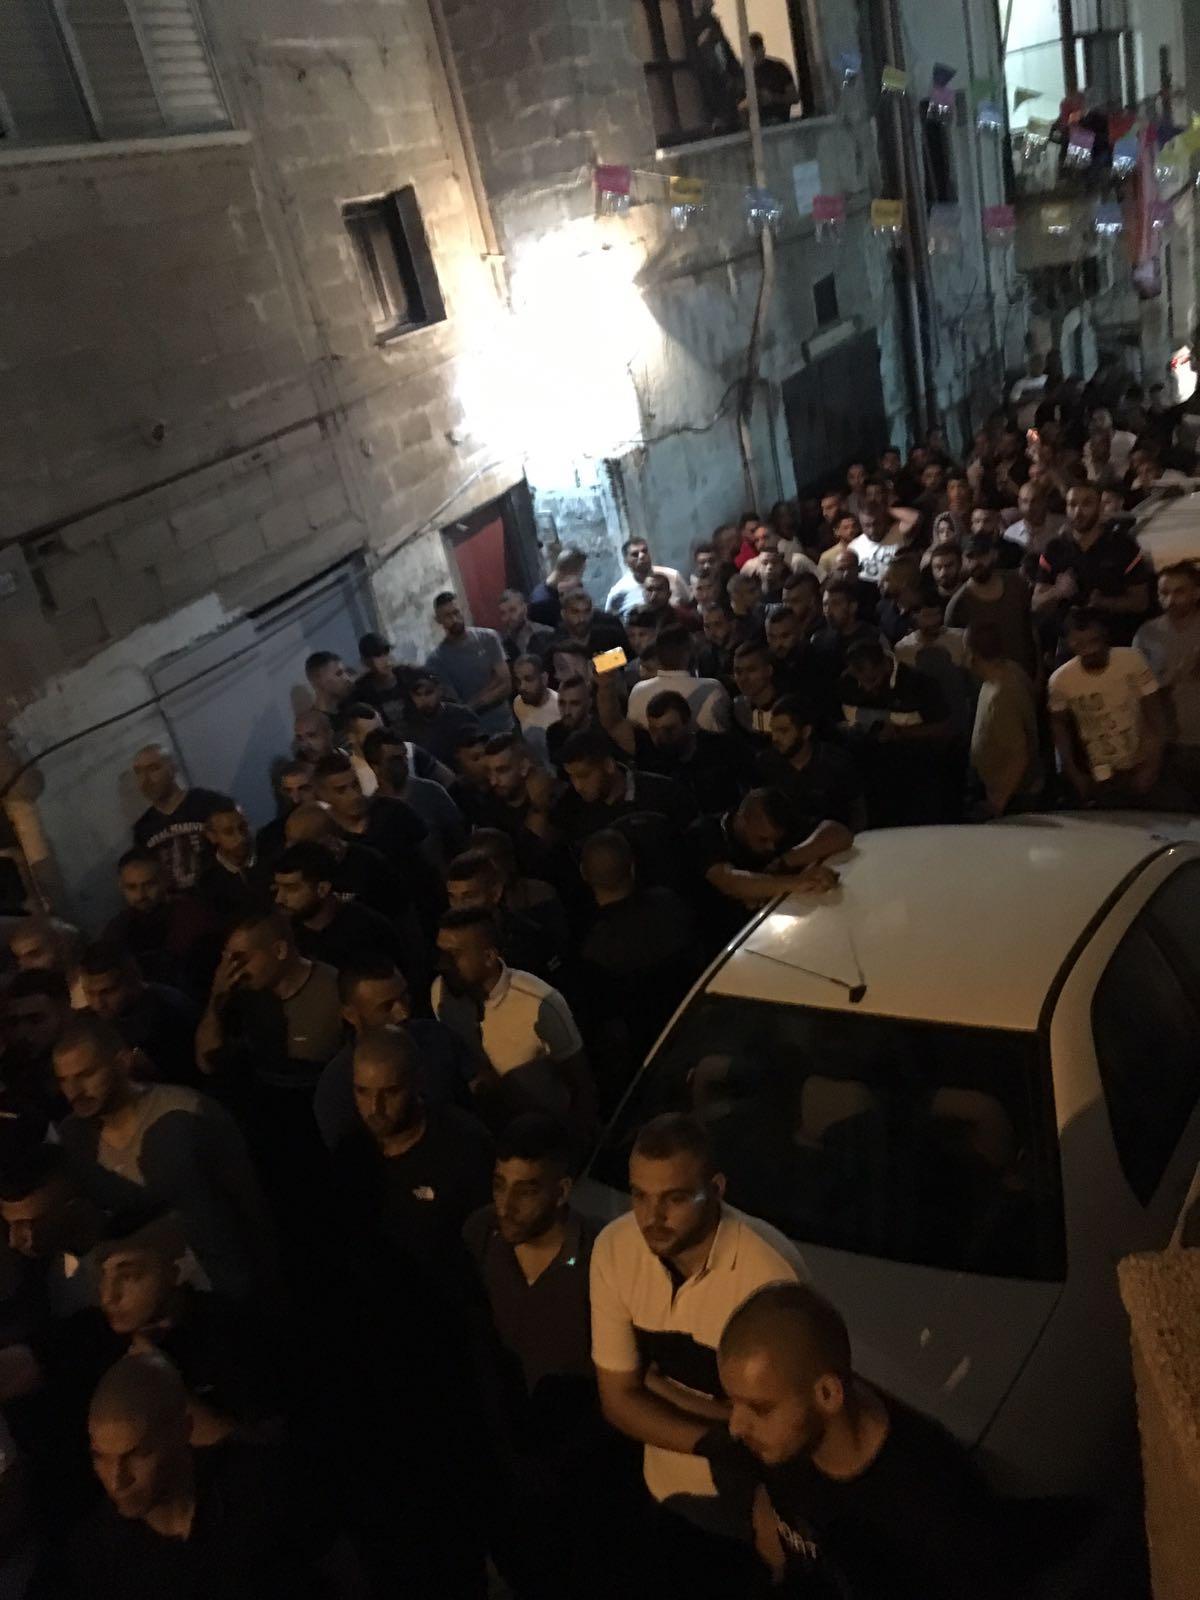 أم الفحم: جنازة حاشدة للشهيد أحمد محاميد